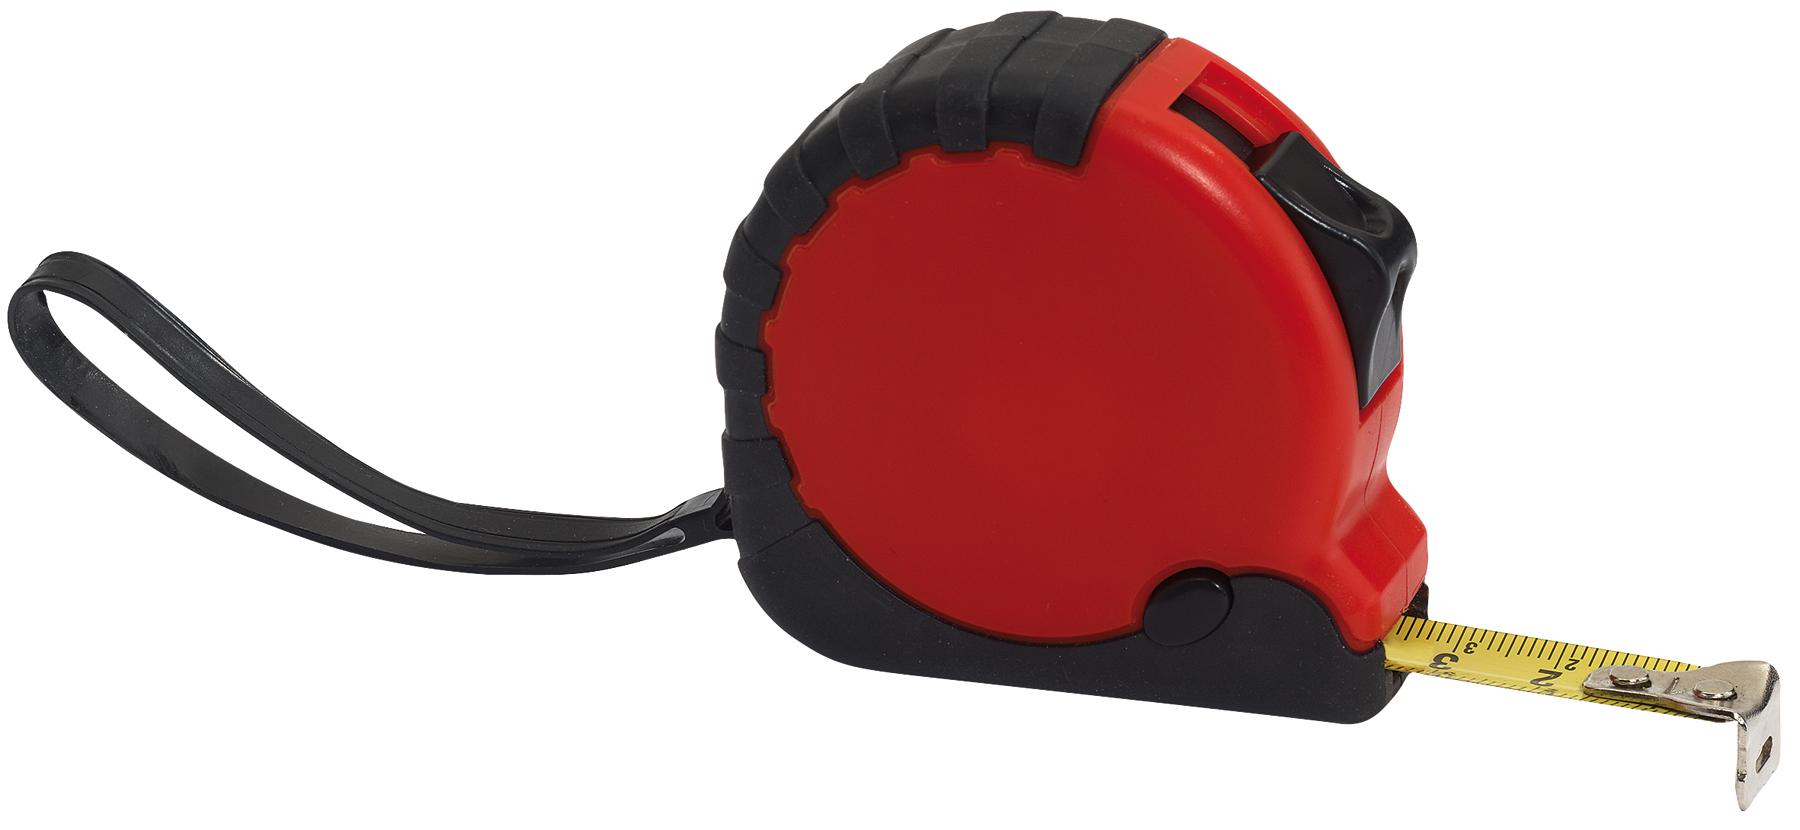 Tasma pomiarowa ELEMENTAL 5m, czarny, czerwony